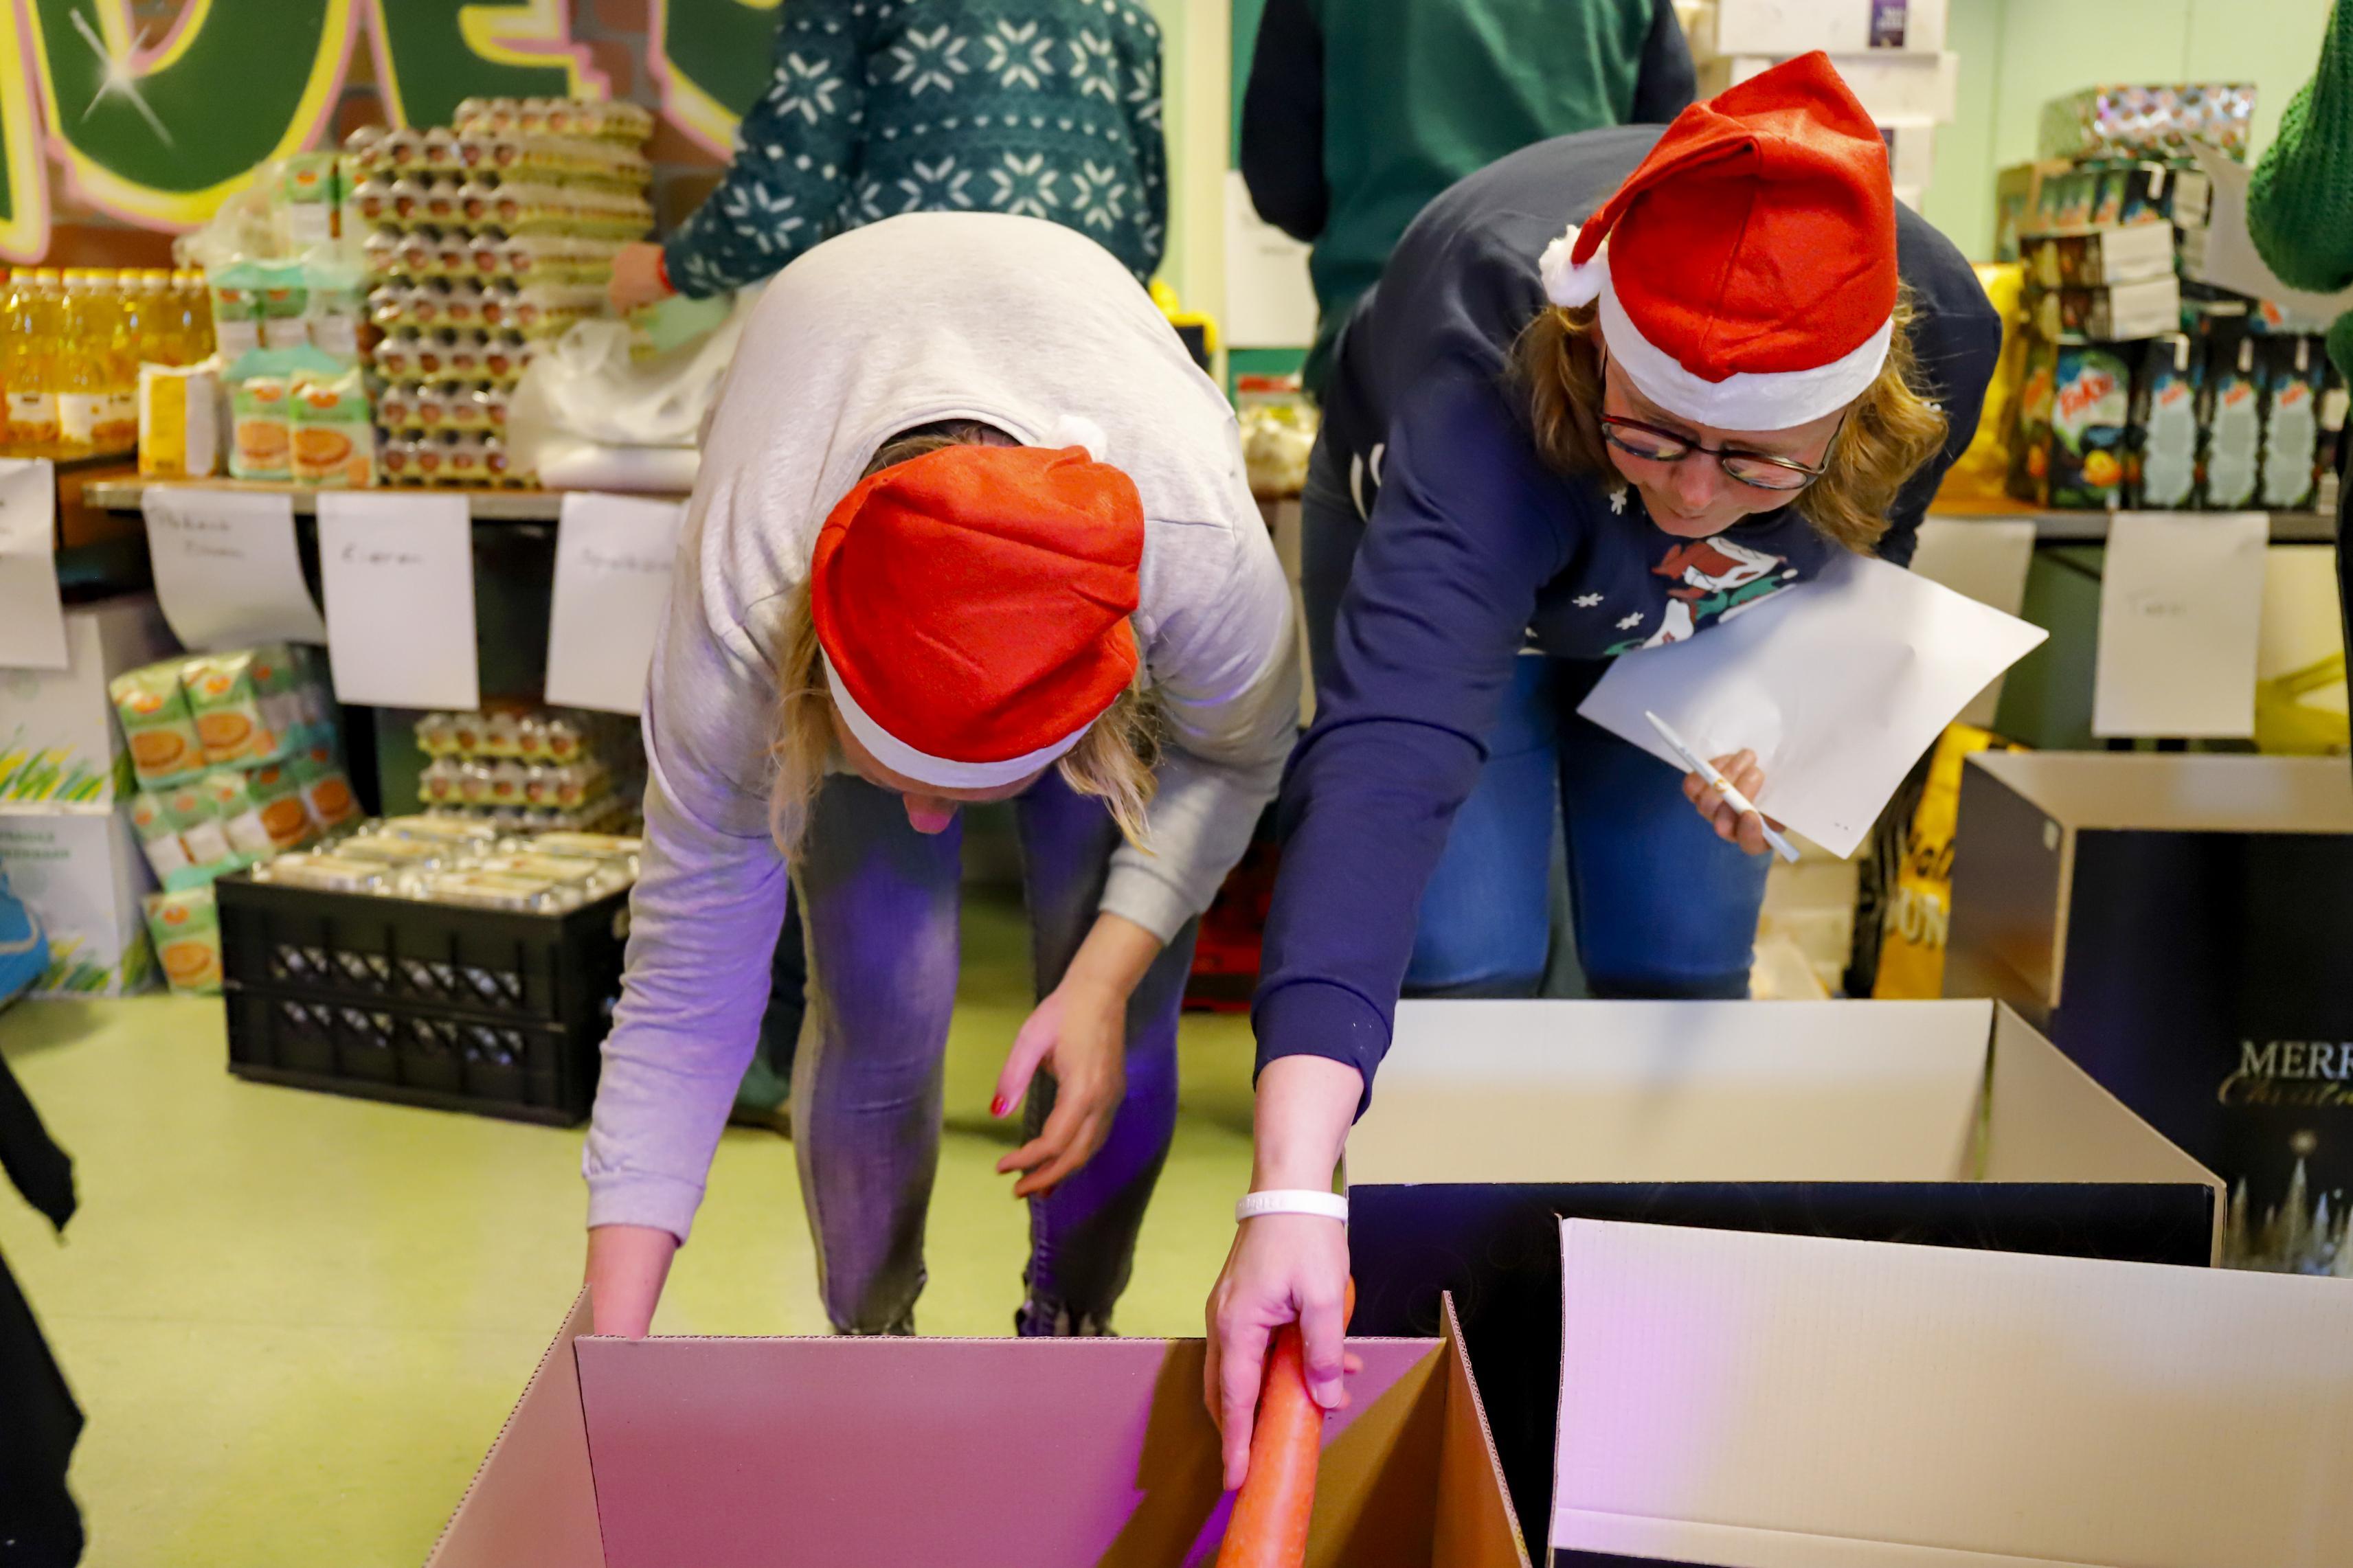 Kerstpakket met steak tartare voor arme gezinnen uit de IJmond